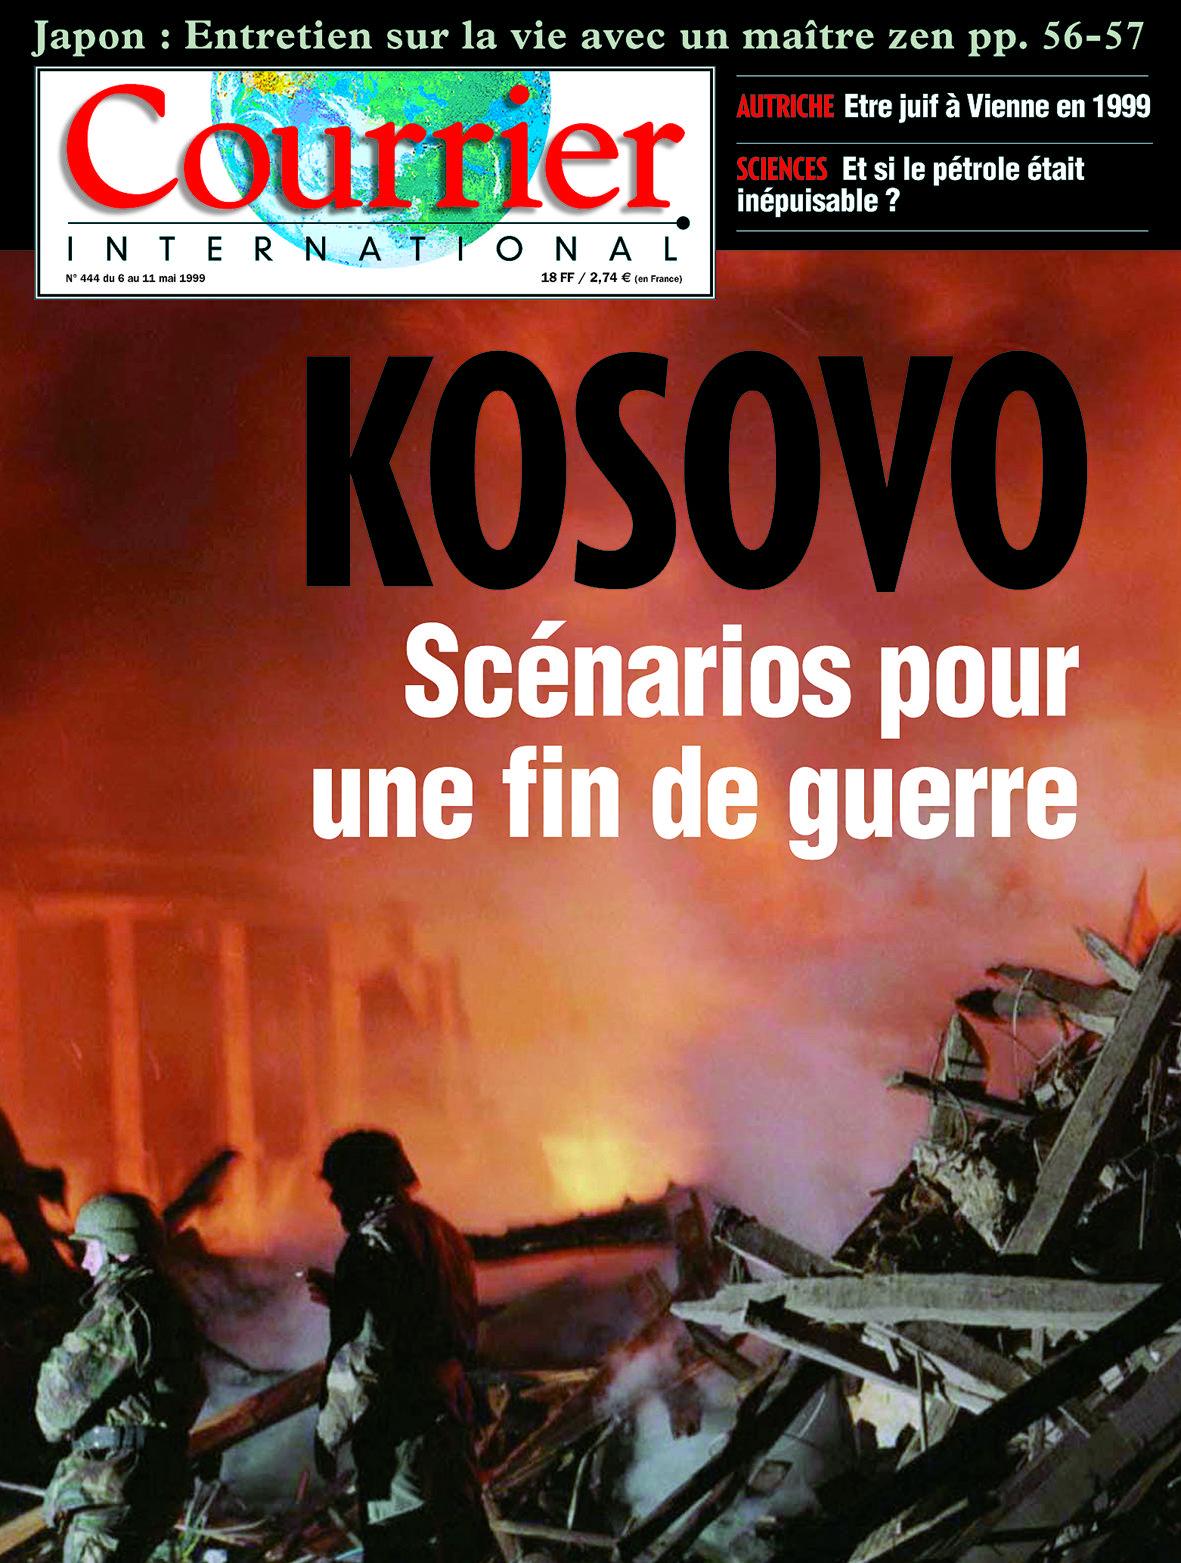 Epingle Sur Courrier International Toutes Les Unes